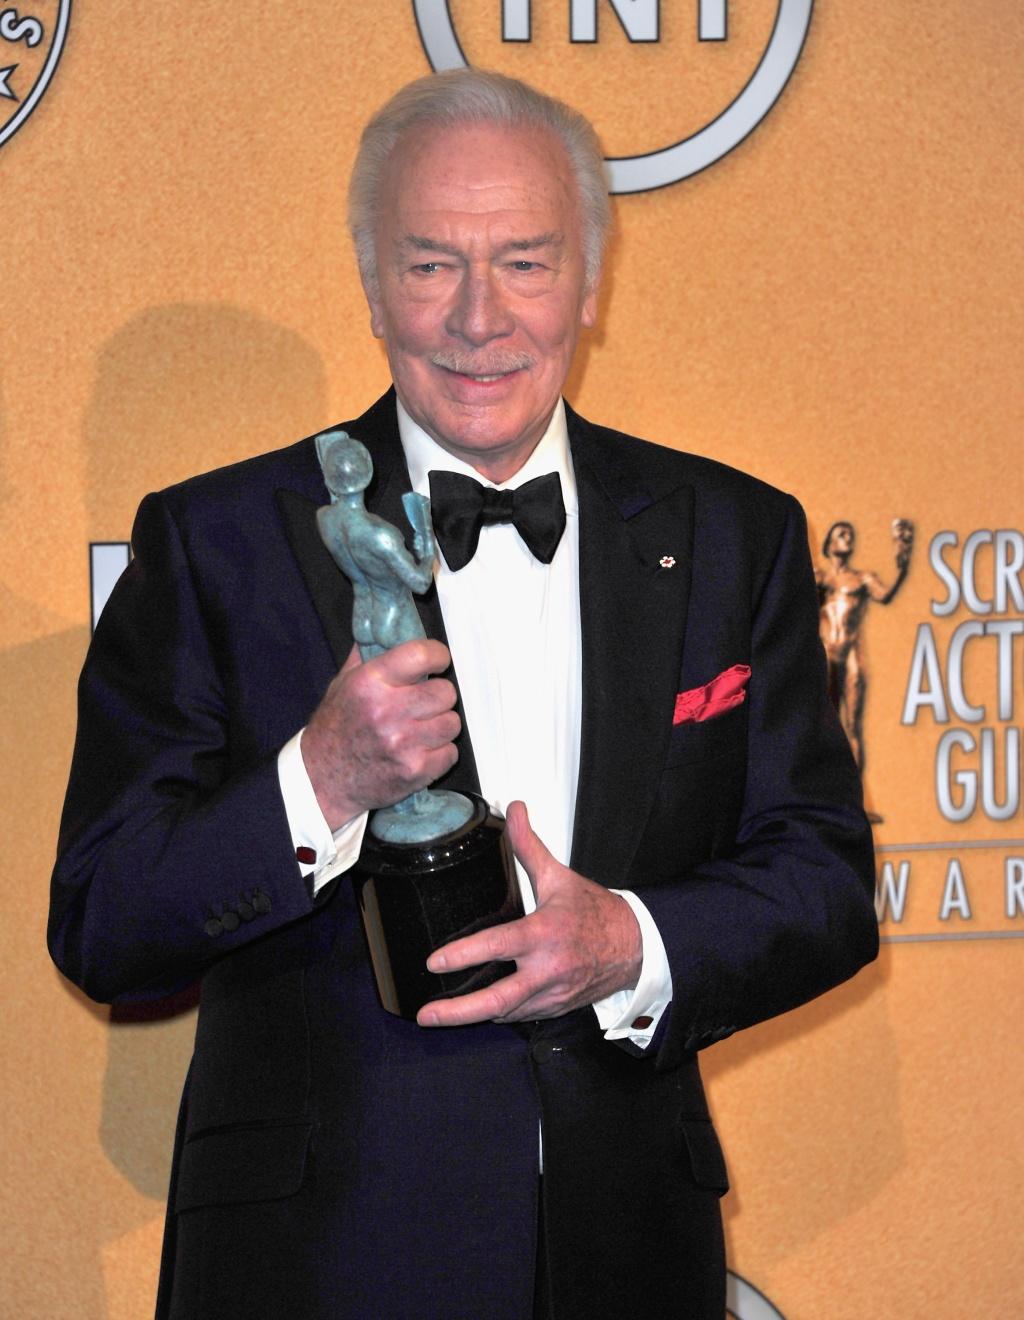 Премия за лучшую роль второго плана досталась актёру Кристоферу Пламмеру.